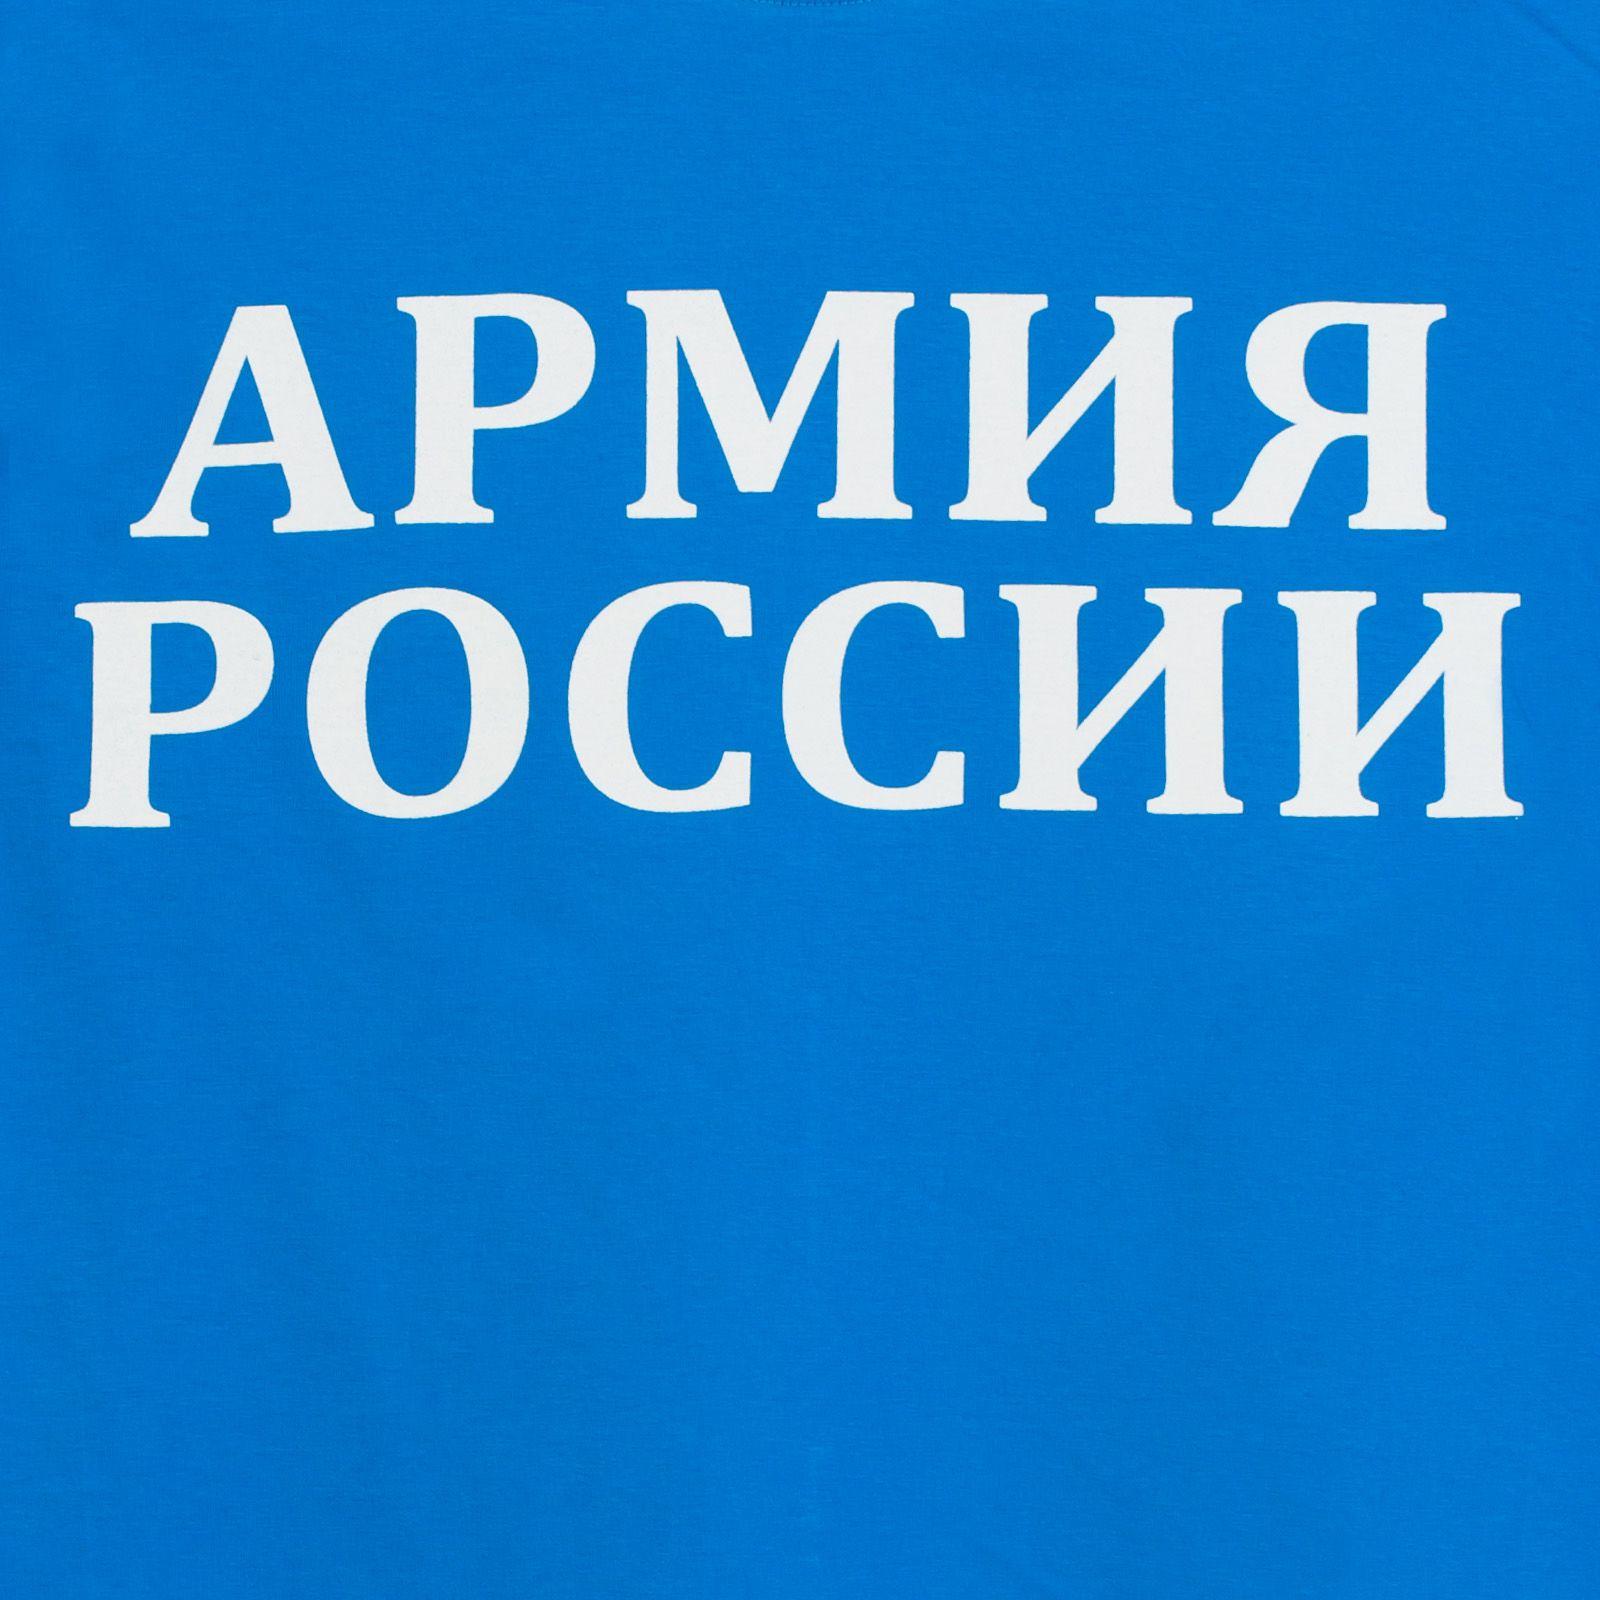 Футболка с надписью «Армия России» с доставкой